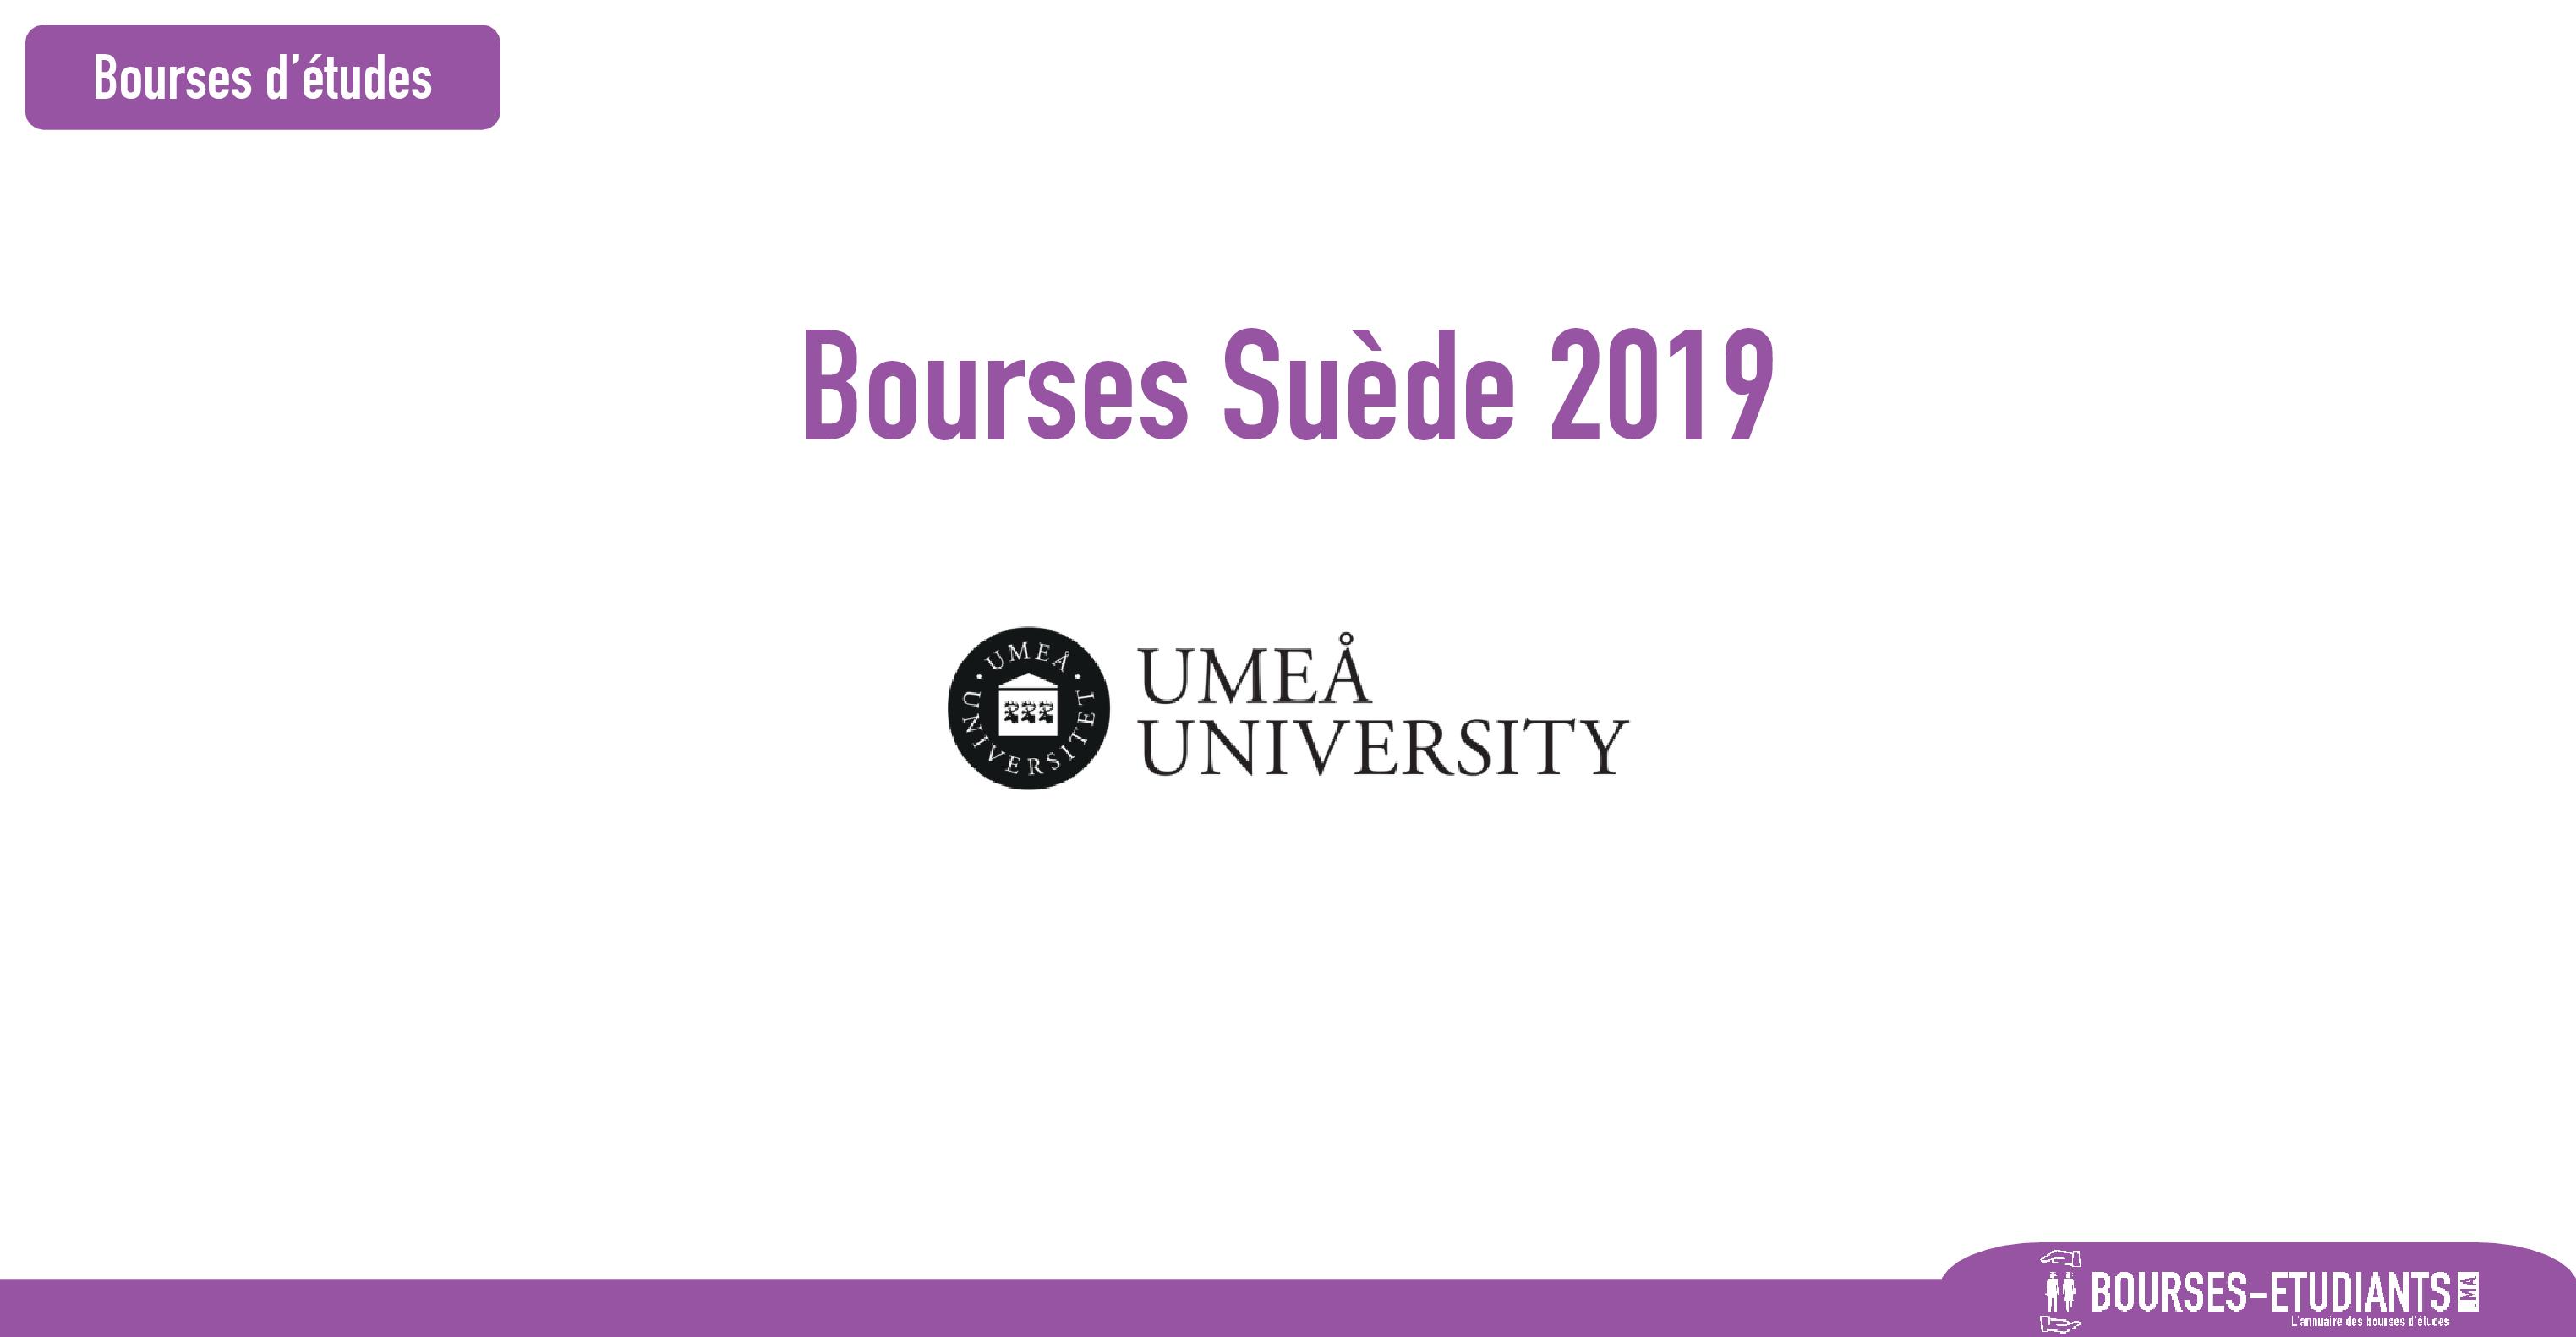 Bourses de recherche Suède 2019 : Postdoctoral Fellowship for